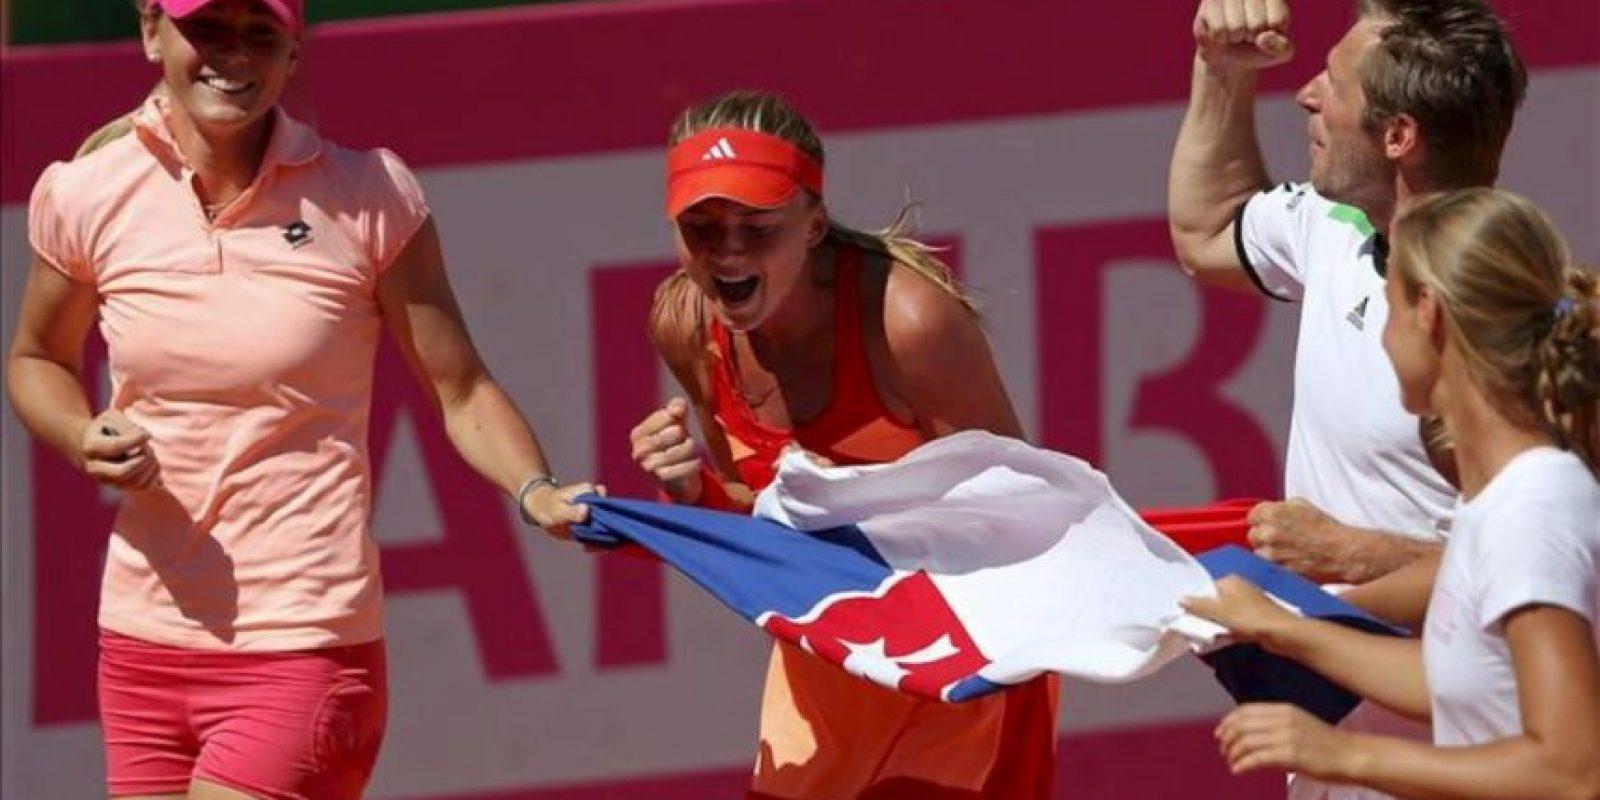 La tenista eslovaca Daniela Hantuchova (c), acompañada por el capitán del equipo, Matej Liptak y su compañera Magadalena Rybarikova dan una vuelta de honor tras ganar el segundo partido ante la española Lourdes Domínguez, en la eliminatoria por la permanencia en el Grupo Mundial de la Copa Federación de Tenis, que se disputa en Marbella. EFE